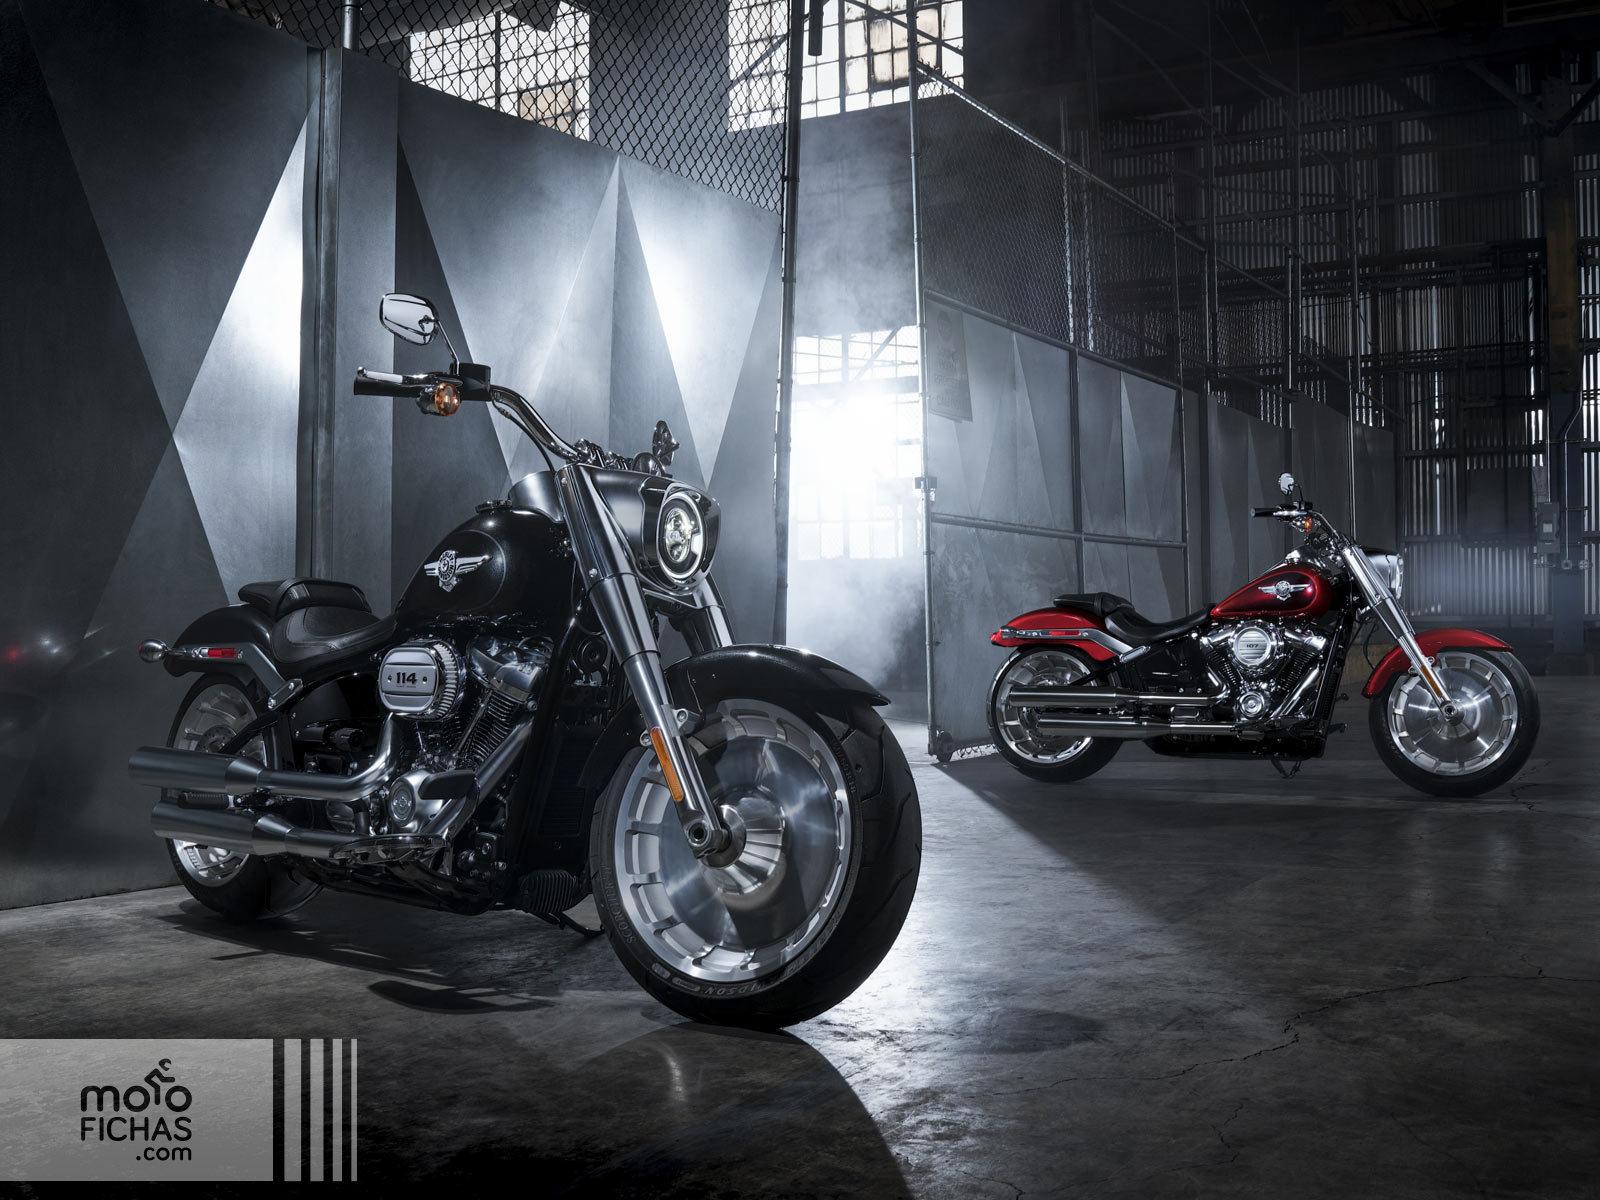 Harley Davidson Fat Boy 2018 2020 Precio Ficha Opiniones Y Ofertas